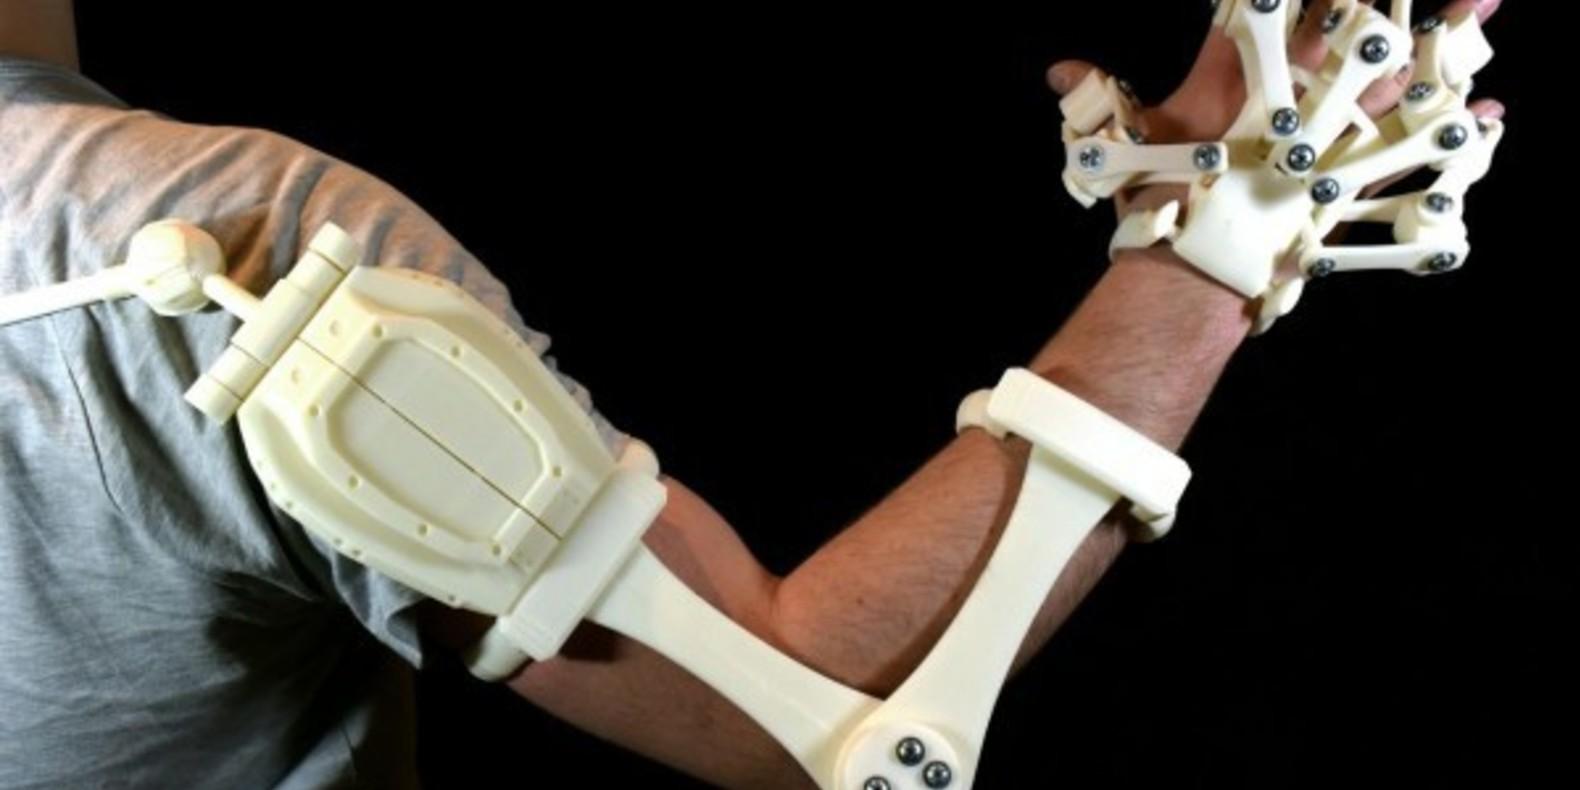 http://fichier3d.fr/wp-content/uploads/2016/01/exoskeleton-exosquelette-3DPrintIt-australia-3D-printed-imprimé-en-3D-cults-fichier-STL-2.jpg